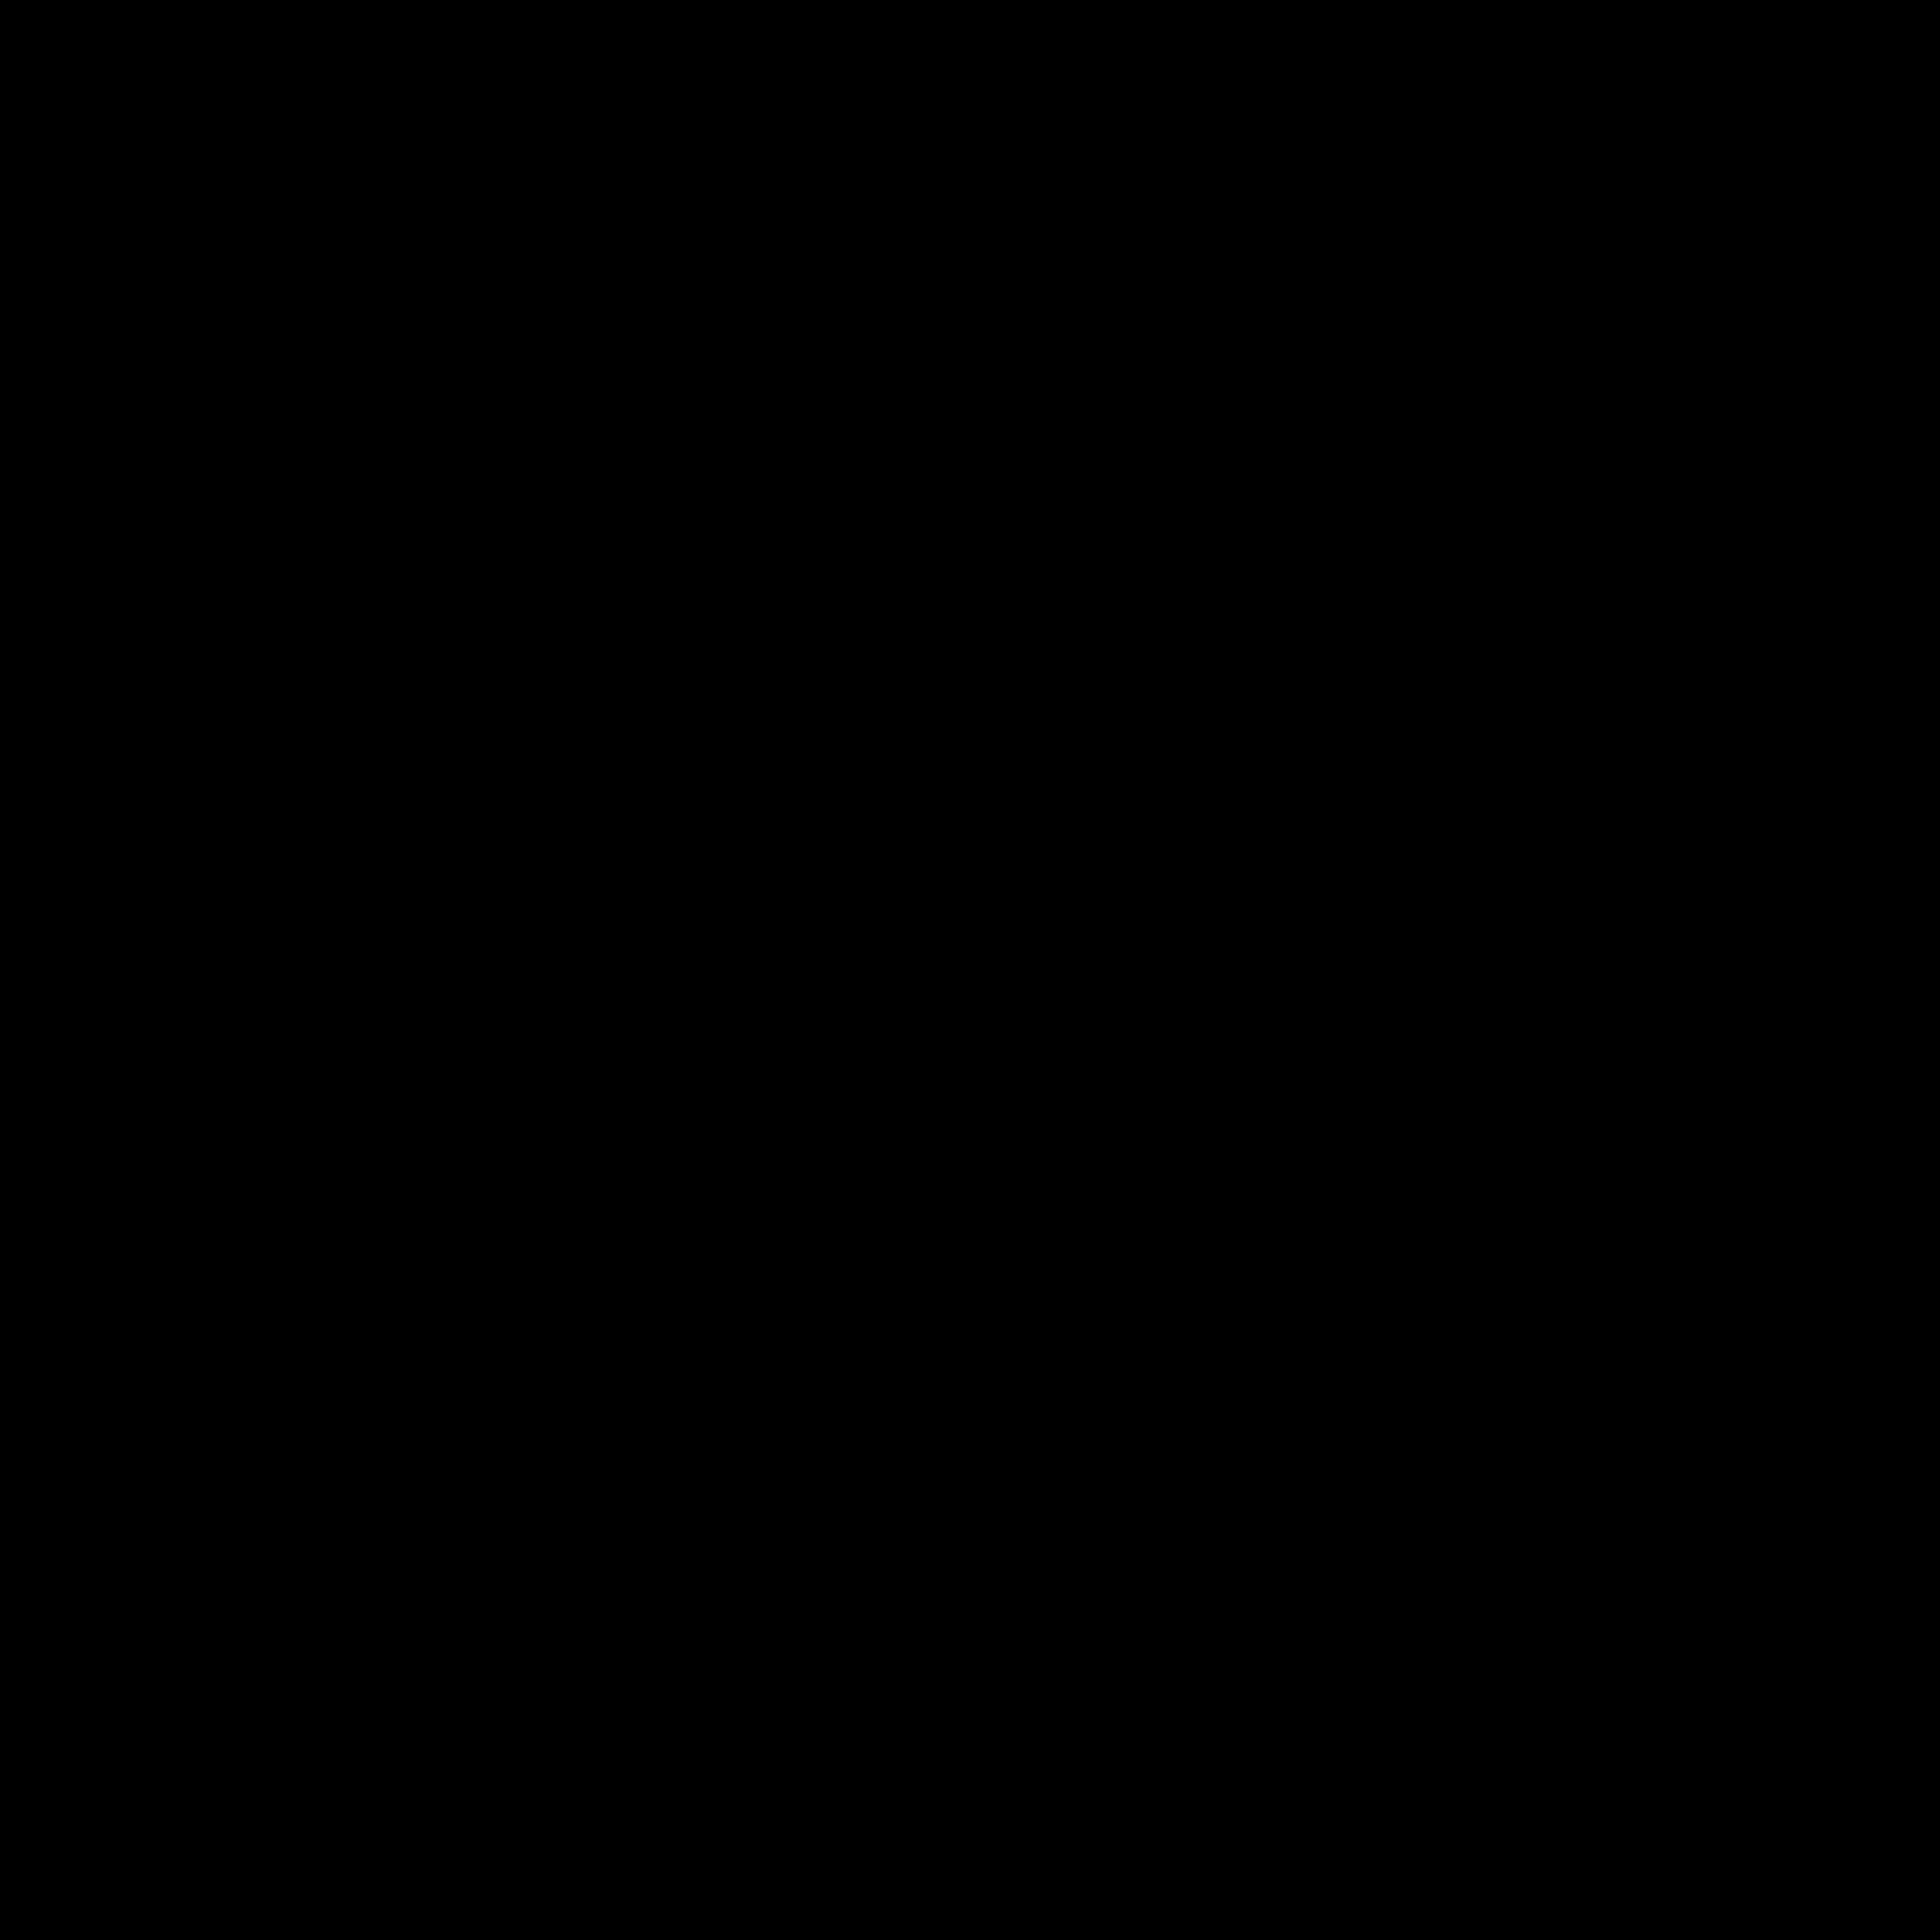 farfetch logo 1 - Farfetch Logo